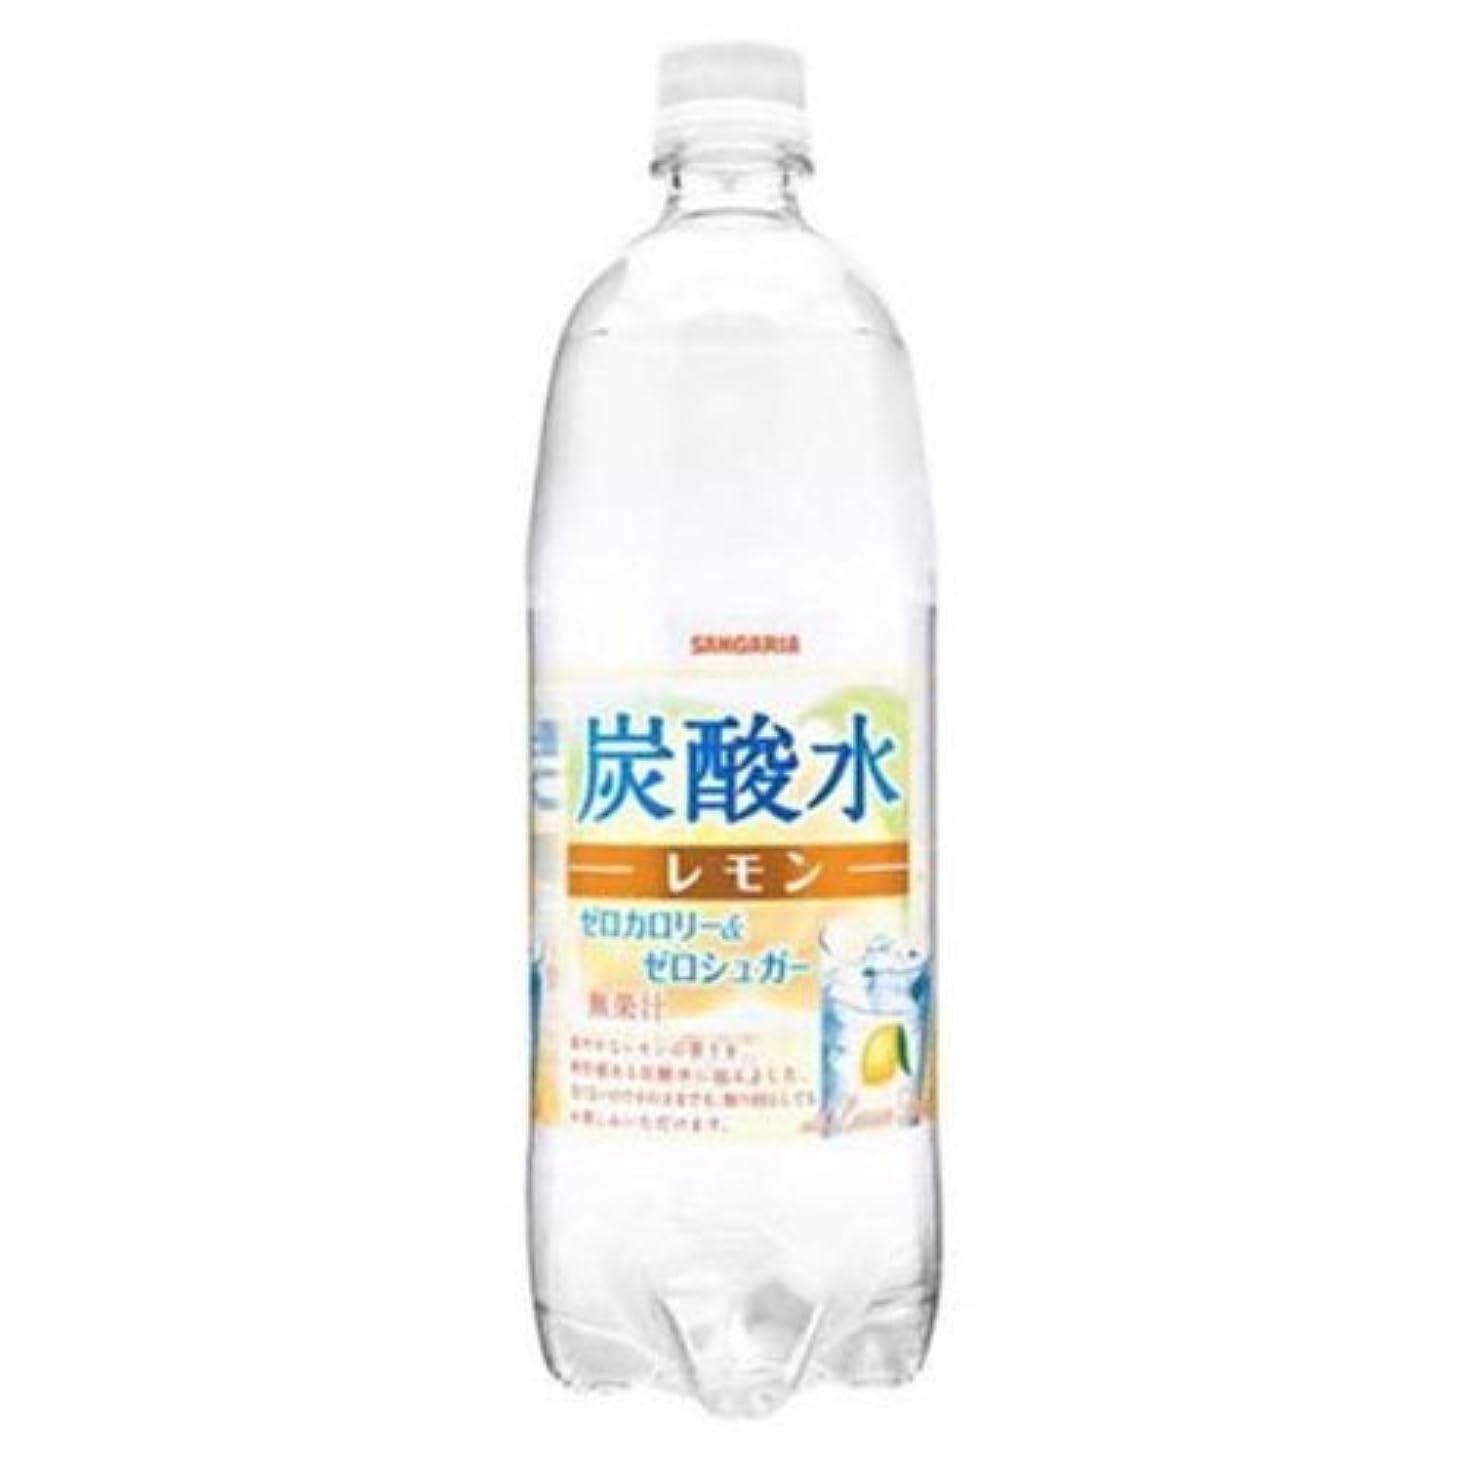 買い手ミニオセアニアサンガリア 炭酸水レモン 1LPET×12本 ISC607966 [その他]